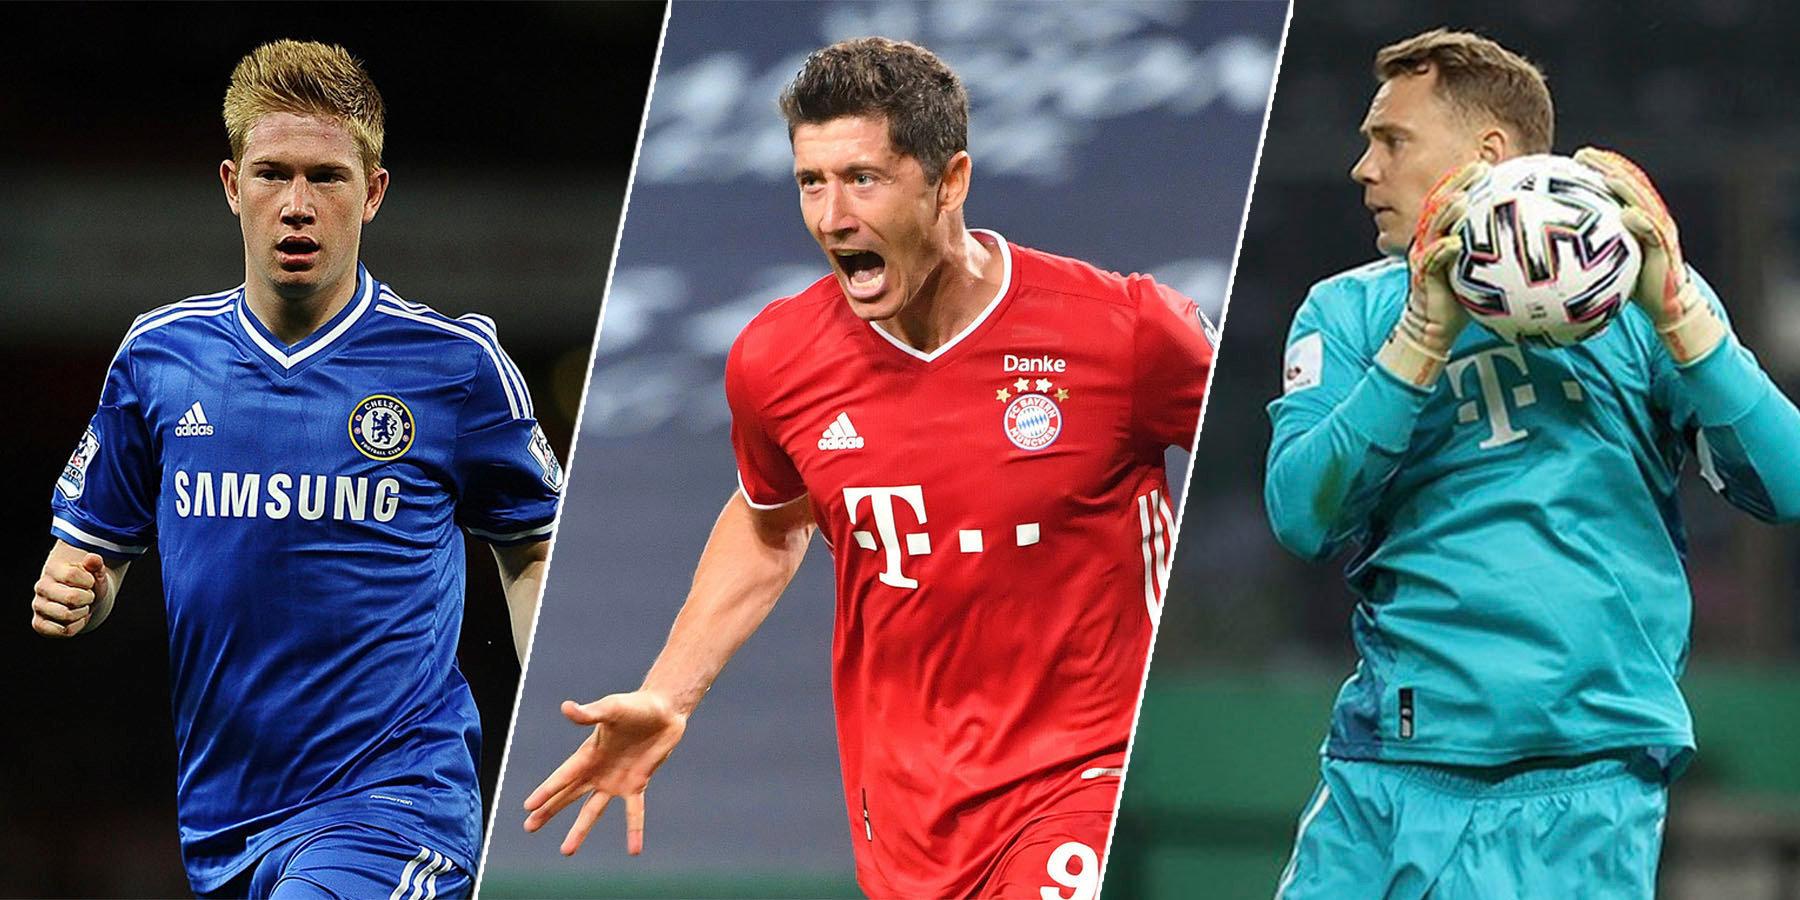 Впервые без Месси и Роналду. Кто станет лучшим игроком сезона в Европе?